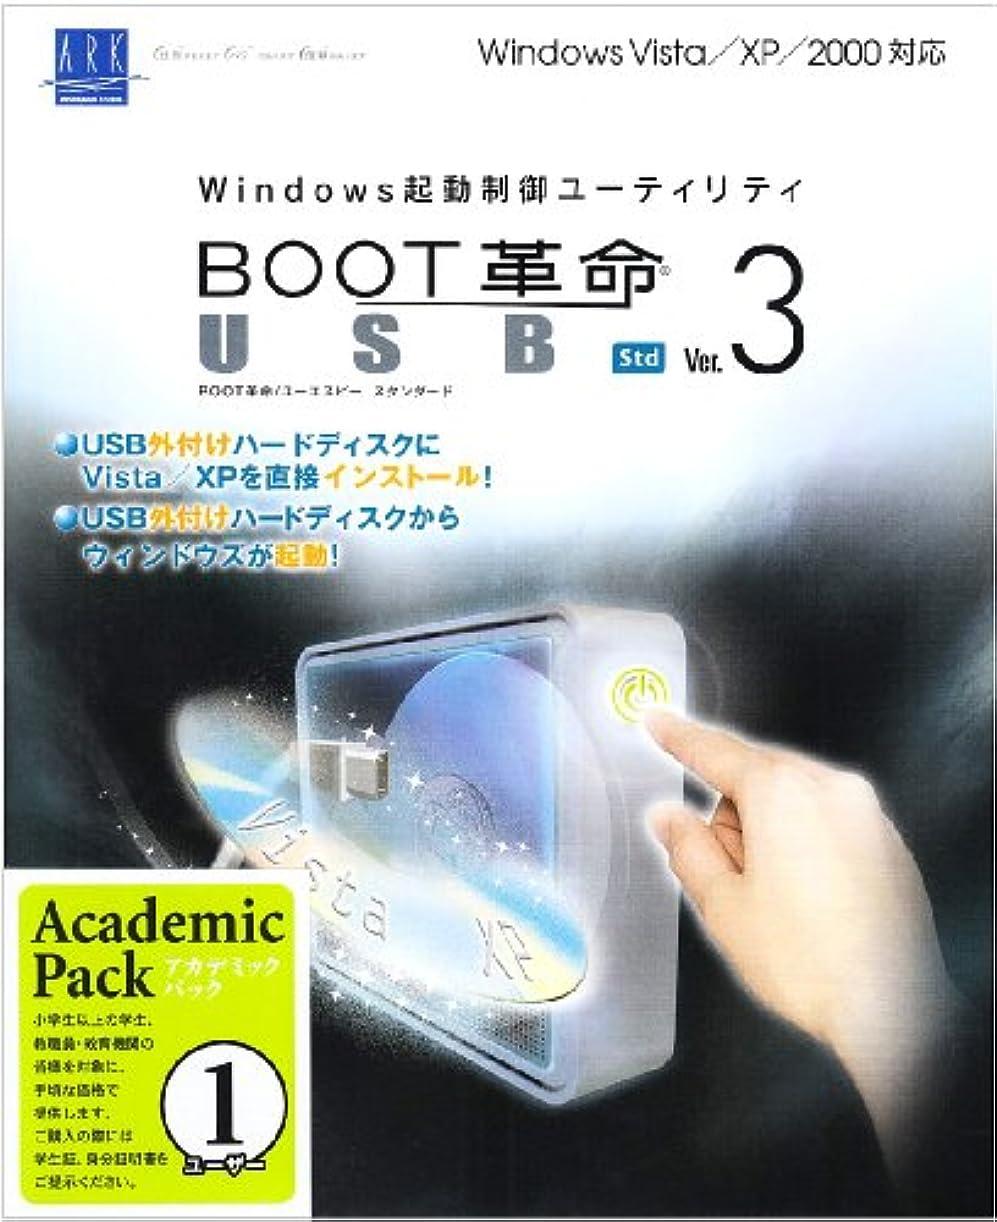 チーズ感情の品BOOT革命/USB Ver.3 Std アカデミックパック1ユーザー